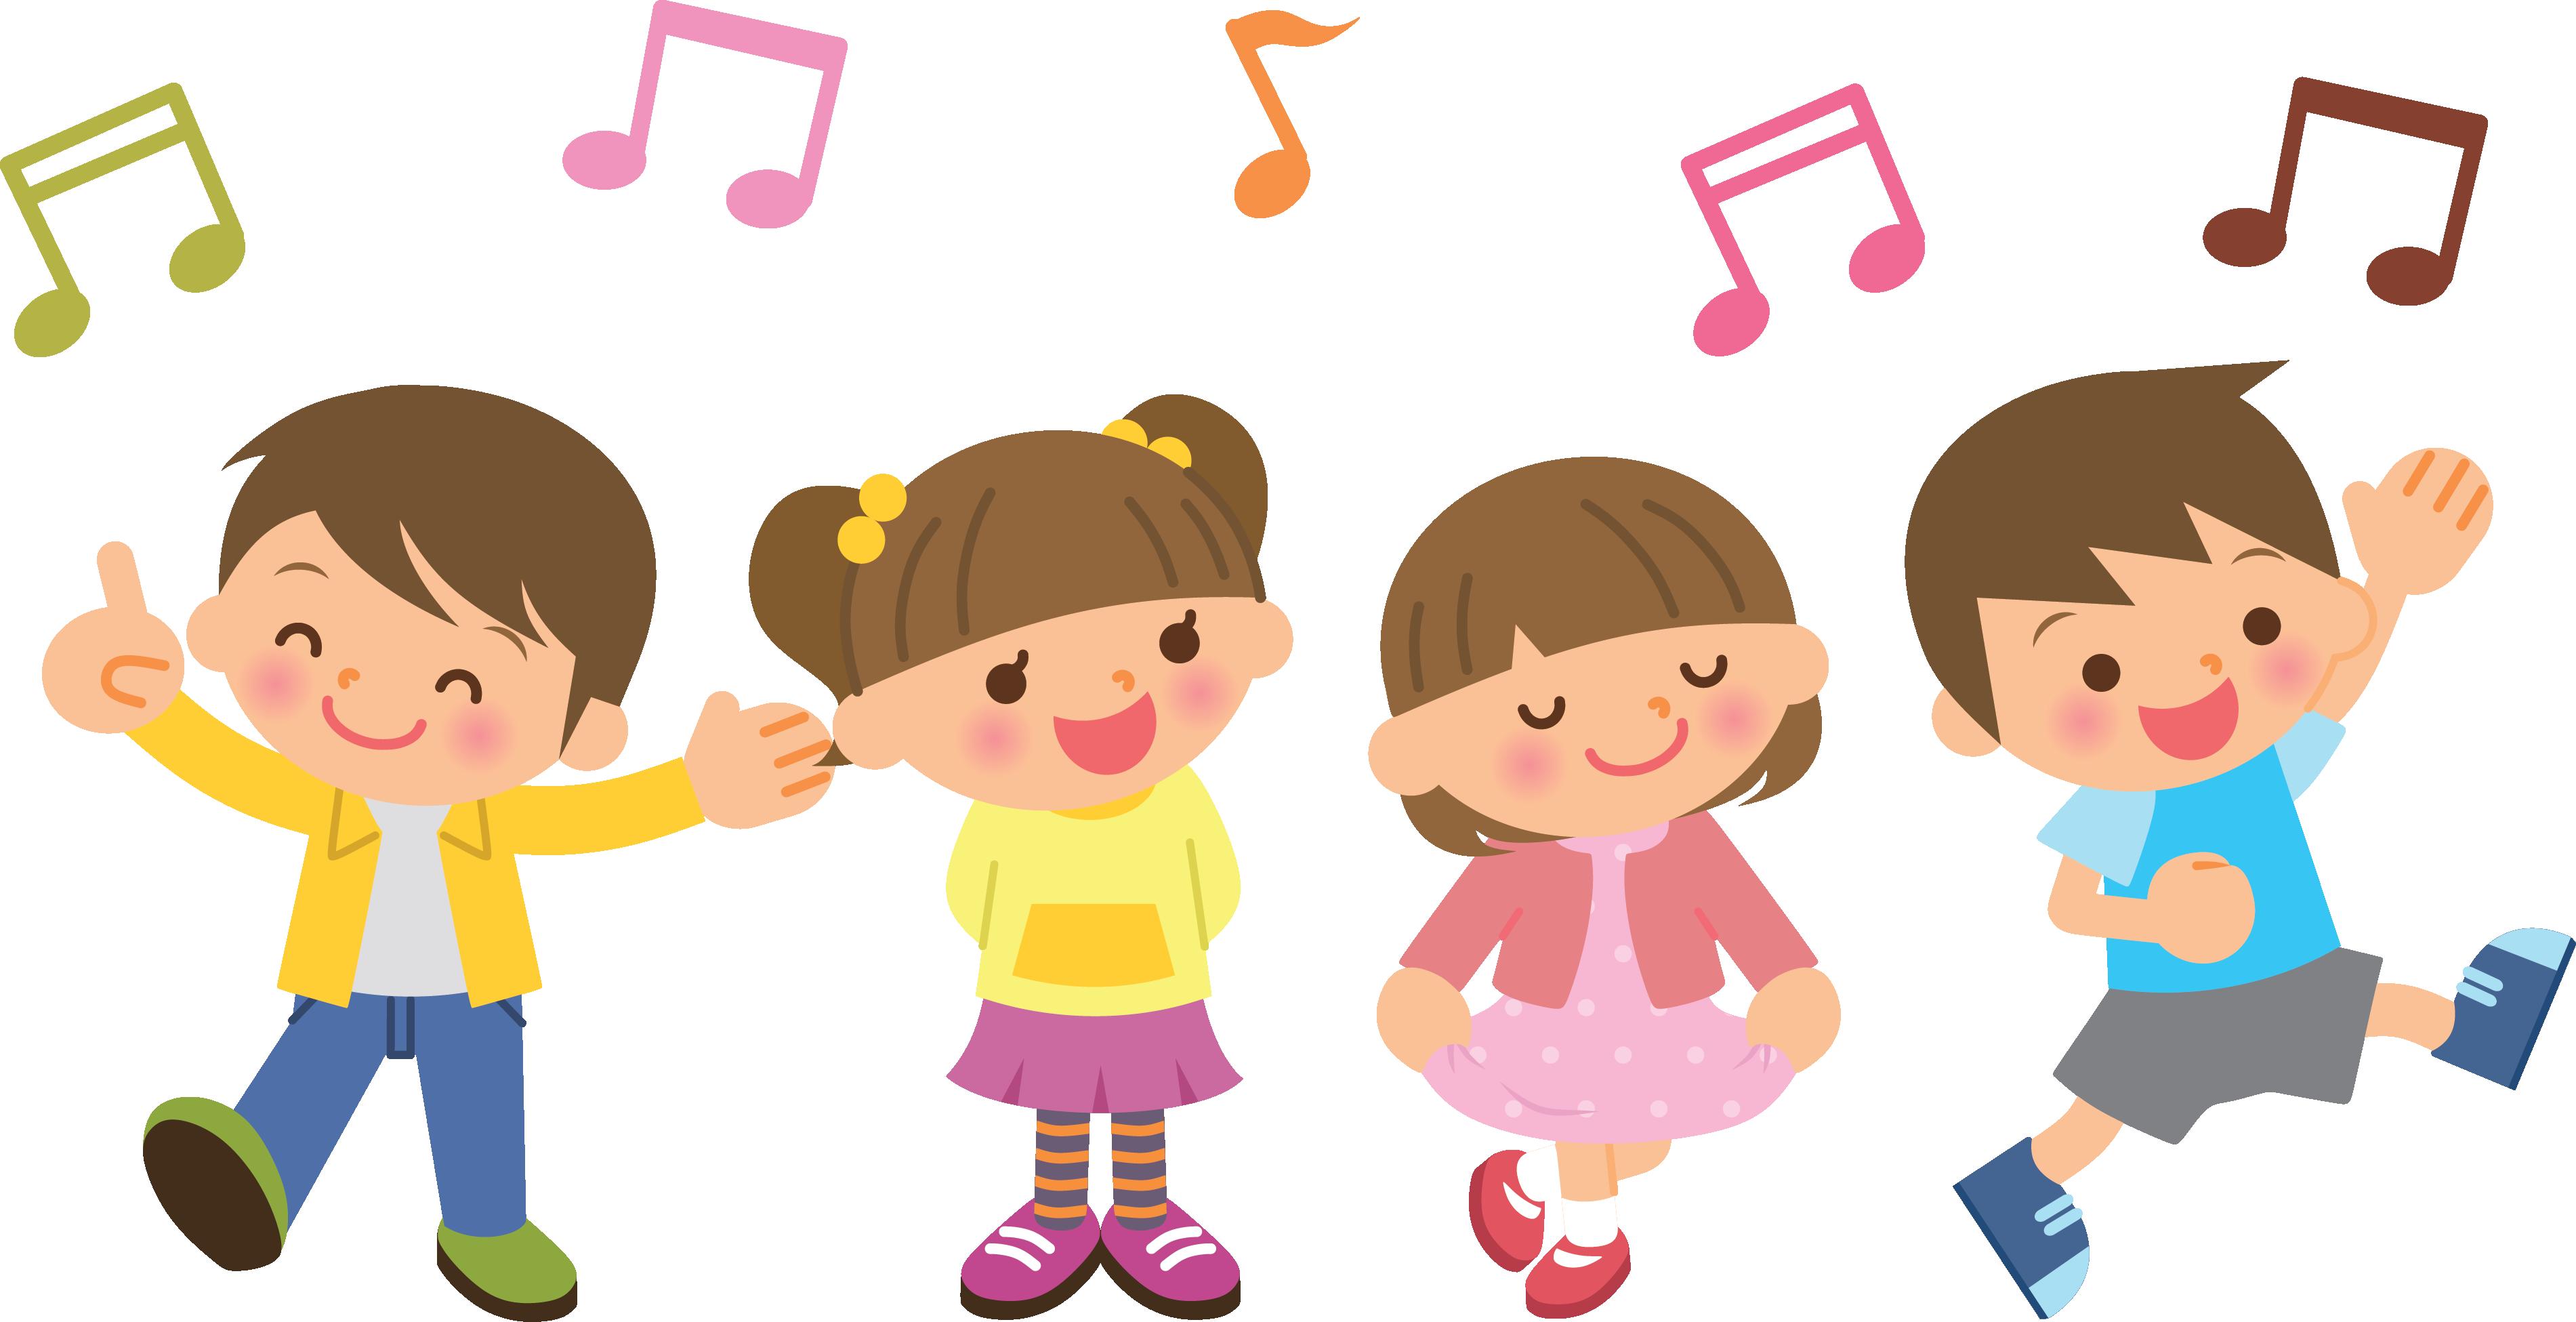 Dạy tiếng Anh cho trẻ mẫu giáo bằng cách tiếp cận tiếng Anh qua bài hát bản ngữ